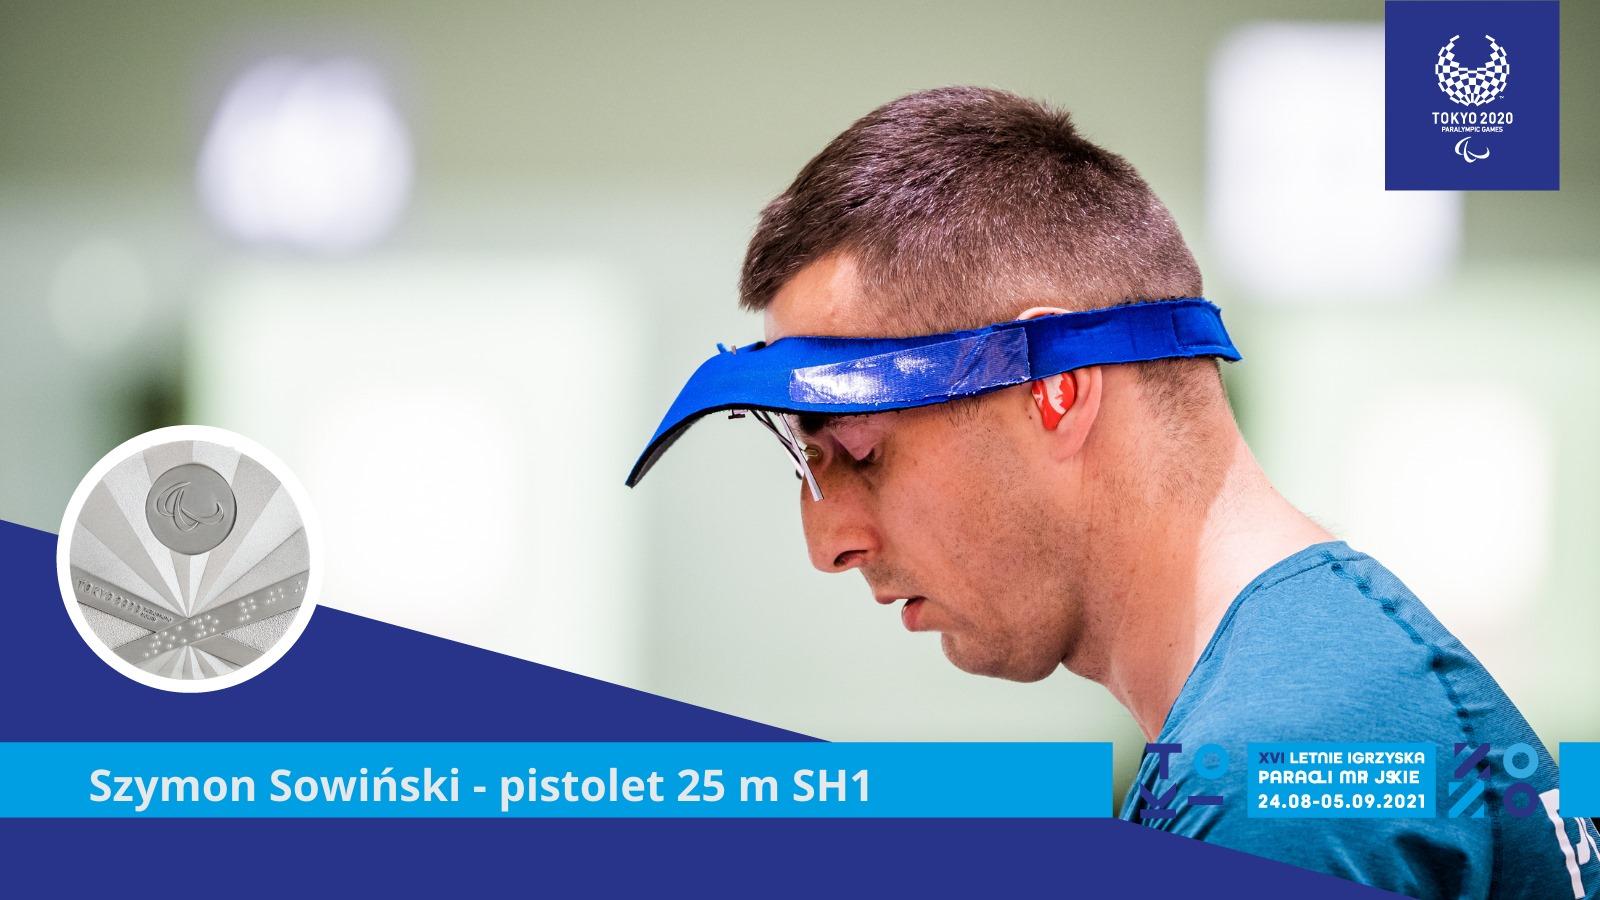 SREBRNY MEDAL W PARASTRZELECKIEJ KONKURENCJI PISTOLETU Z 25 M DLA SZYMONA SOWIŃSKIEGO! 1 - Start Poznań